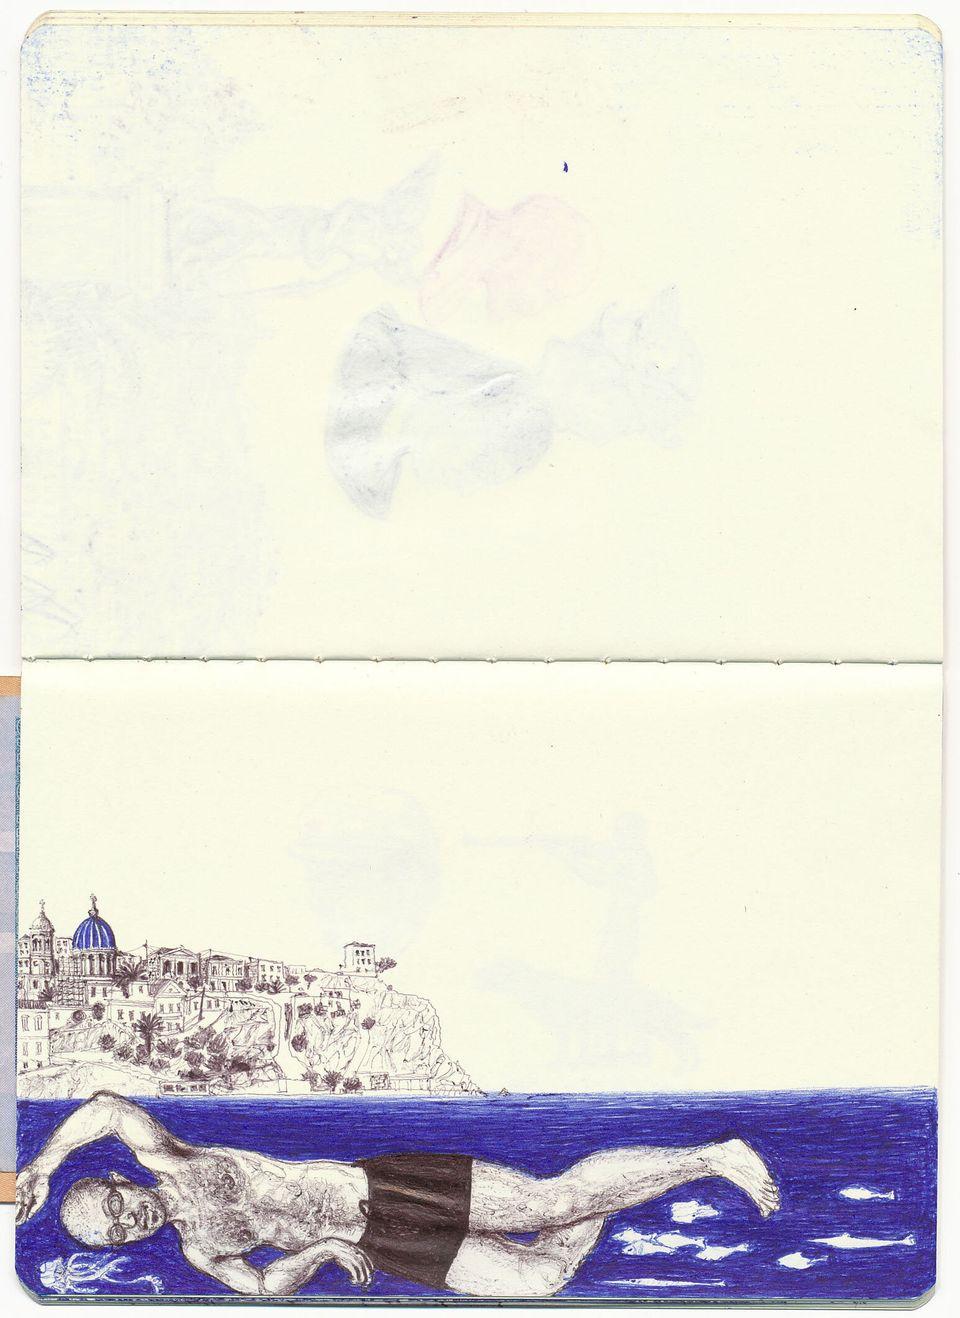 Ερμούπολη_12,5x8,7cm_σχέδιο με στυλό σε